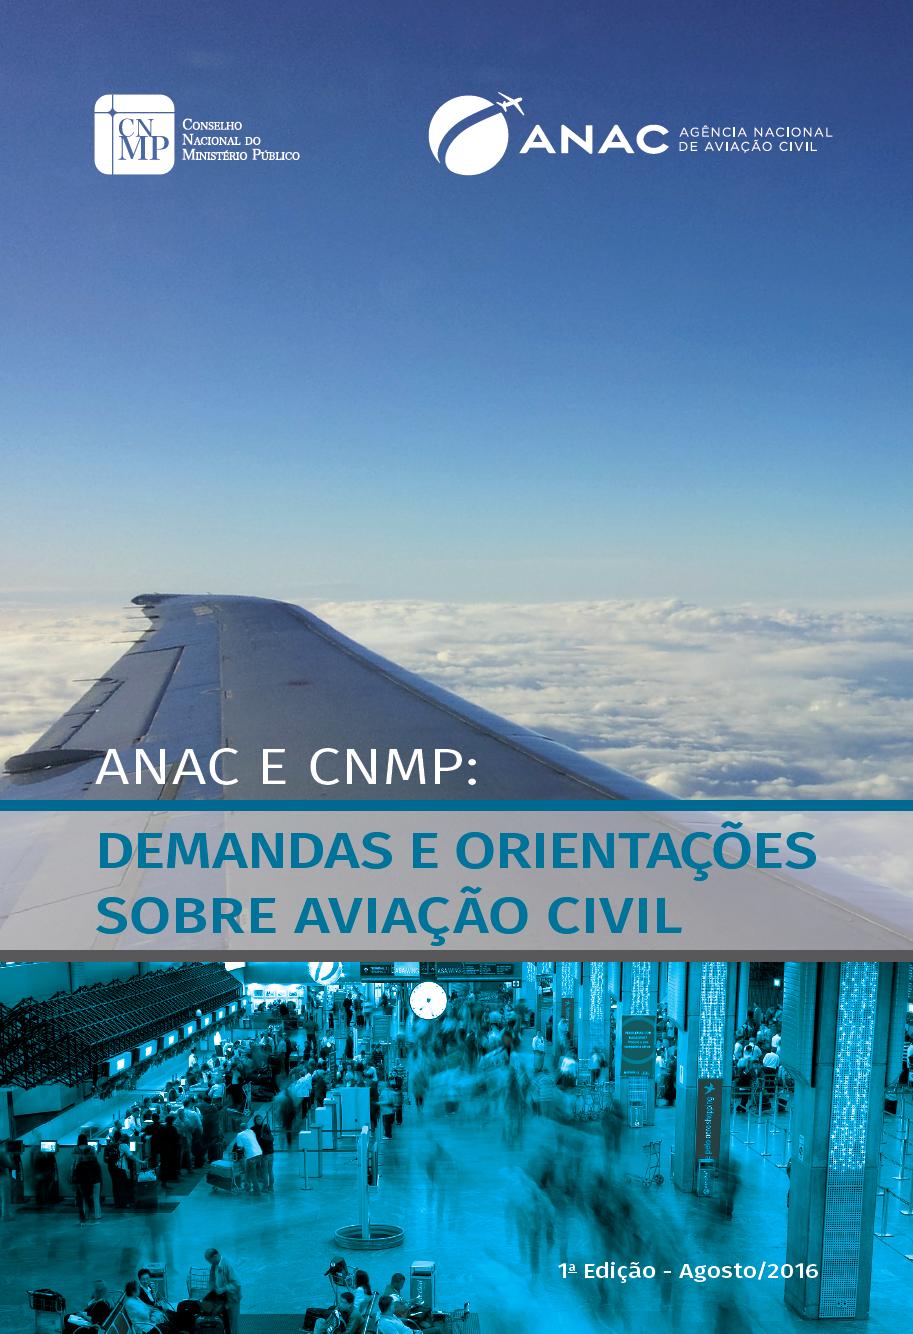 ANAC e CNMP: Demandas e Orientações Sobre Aviação Civil